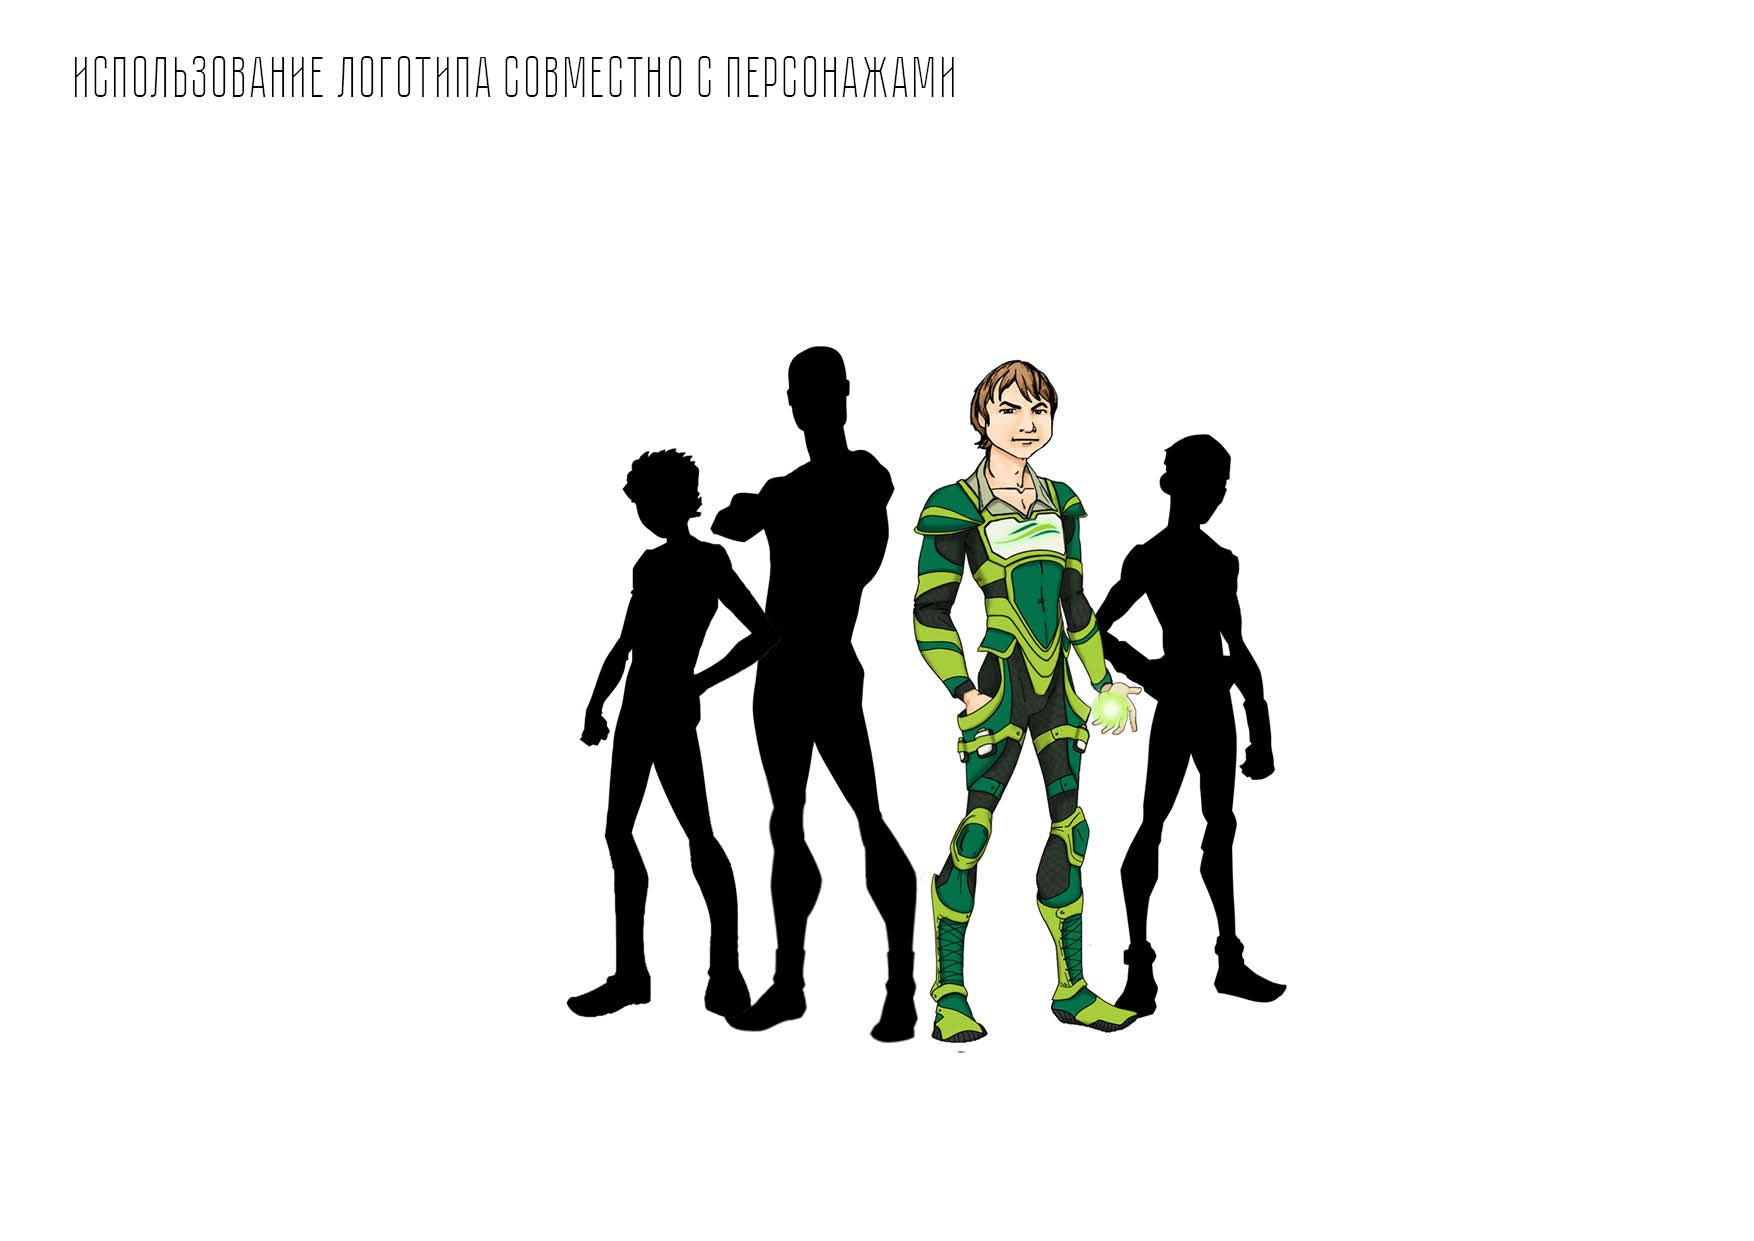 Элементы айдентики для бренда Предприниматели Будущего фото f_7195c3a45350e359.jpg